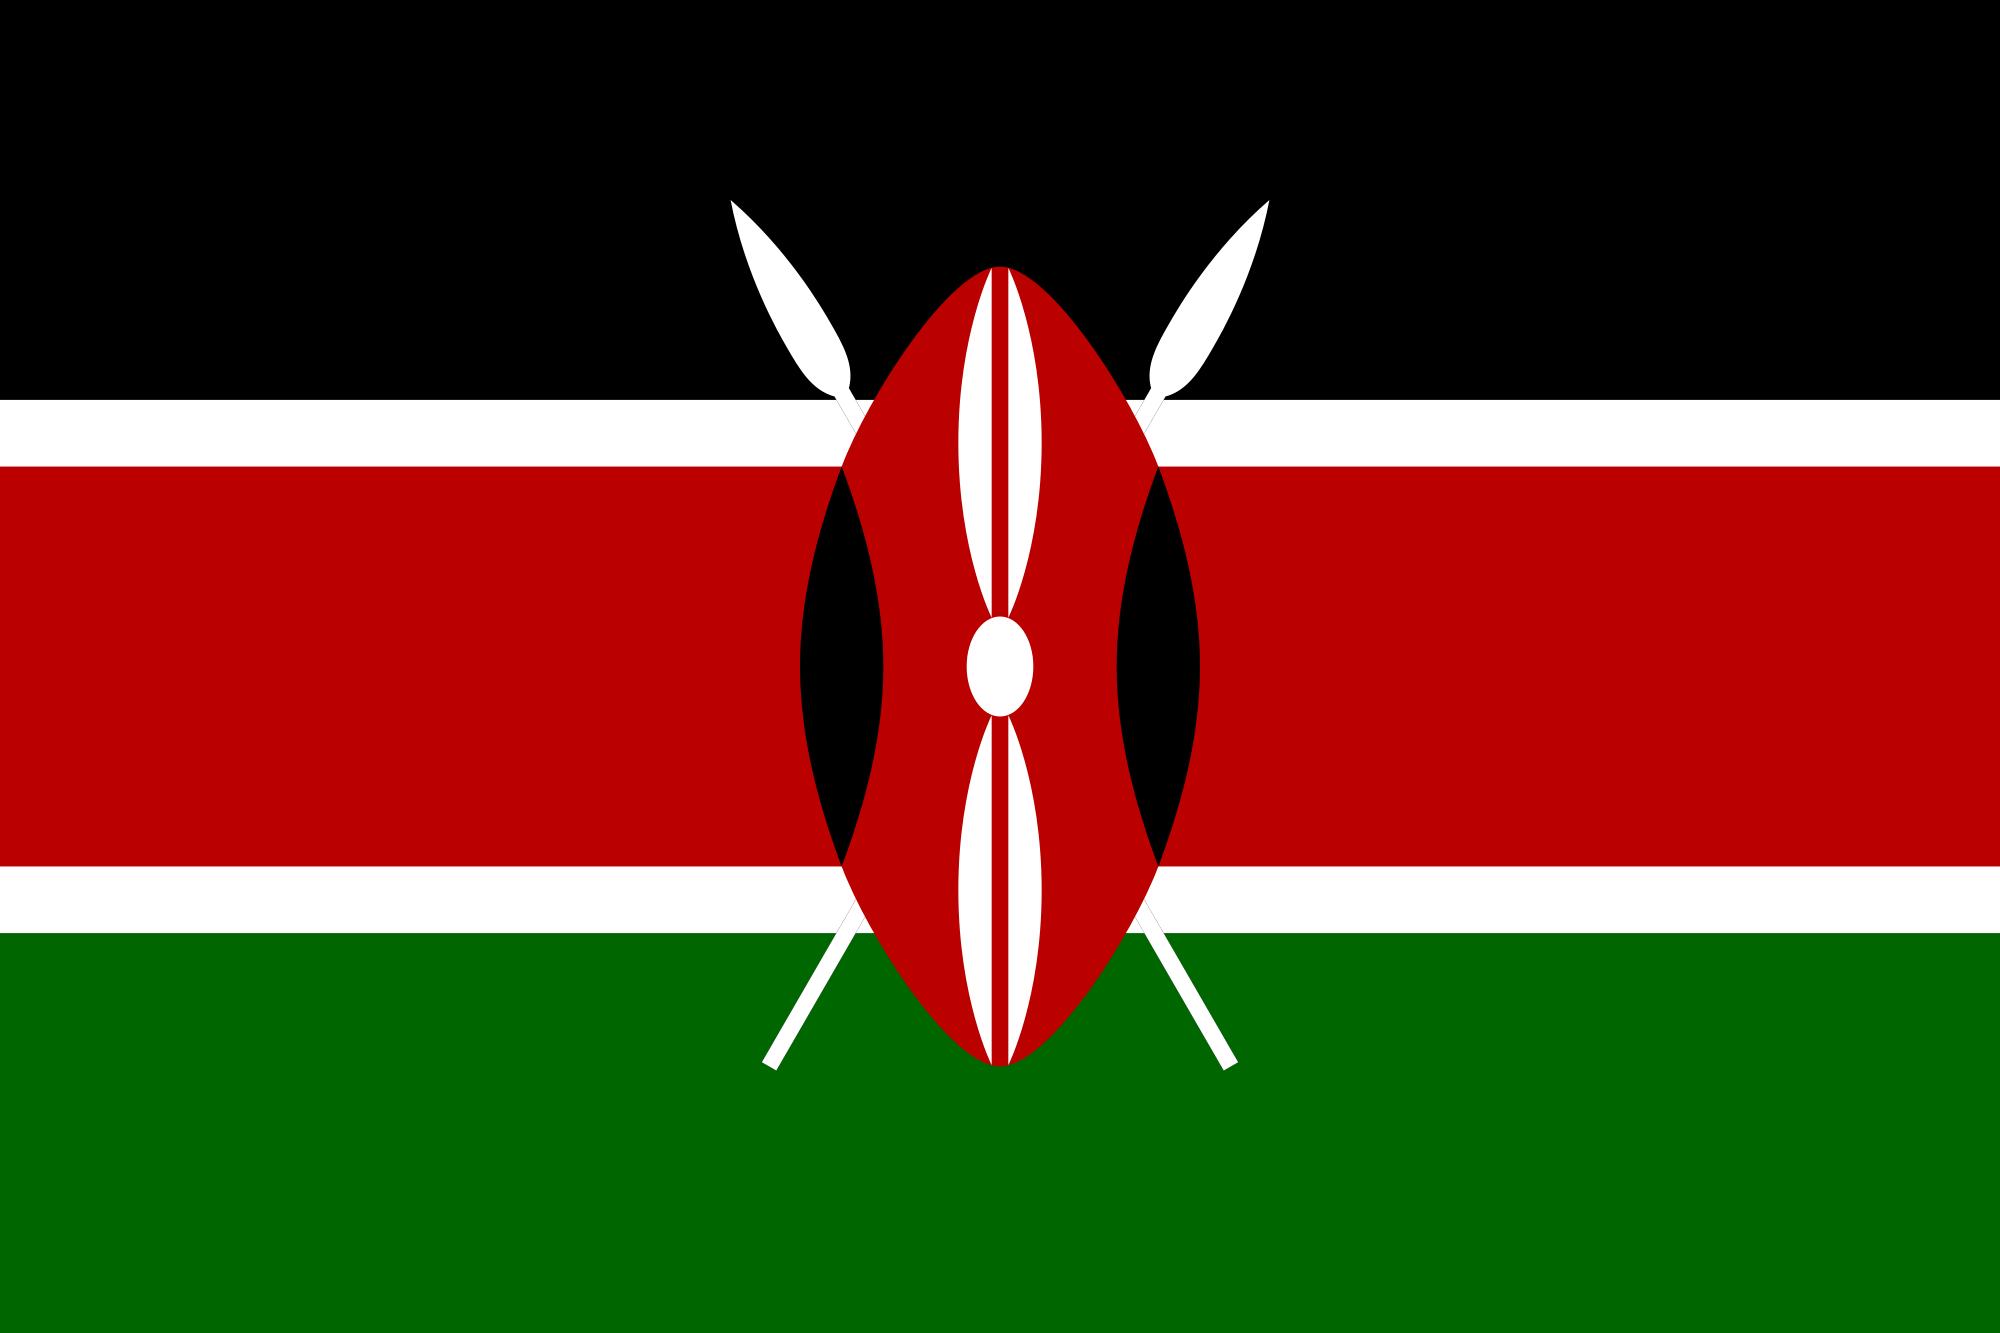 Kenya Flag - Symbolism of Colors, Flag Etiquette, Design and